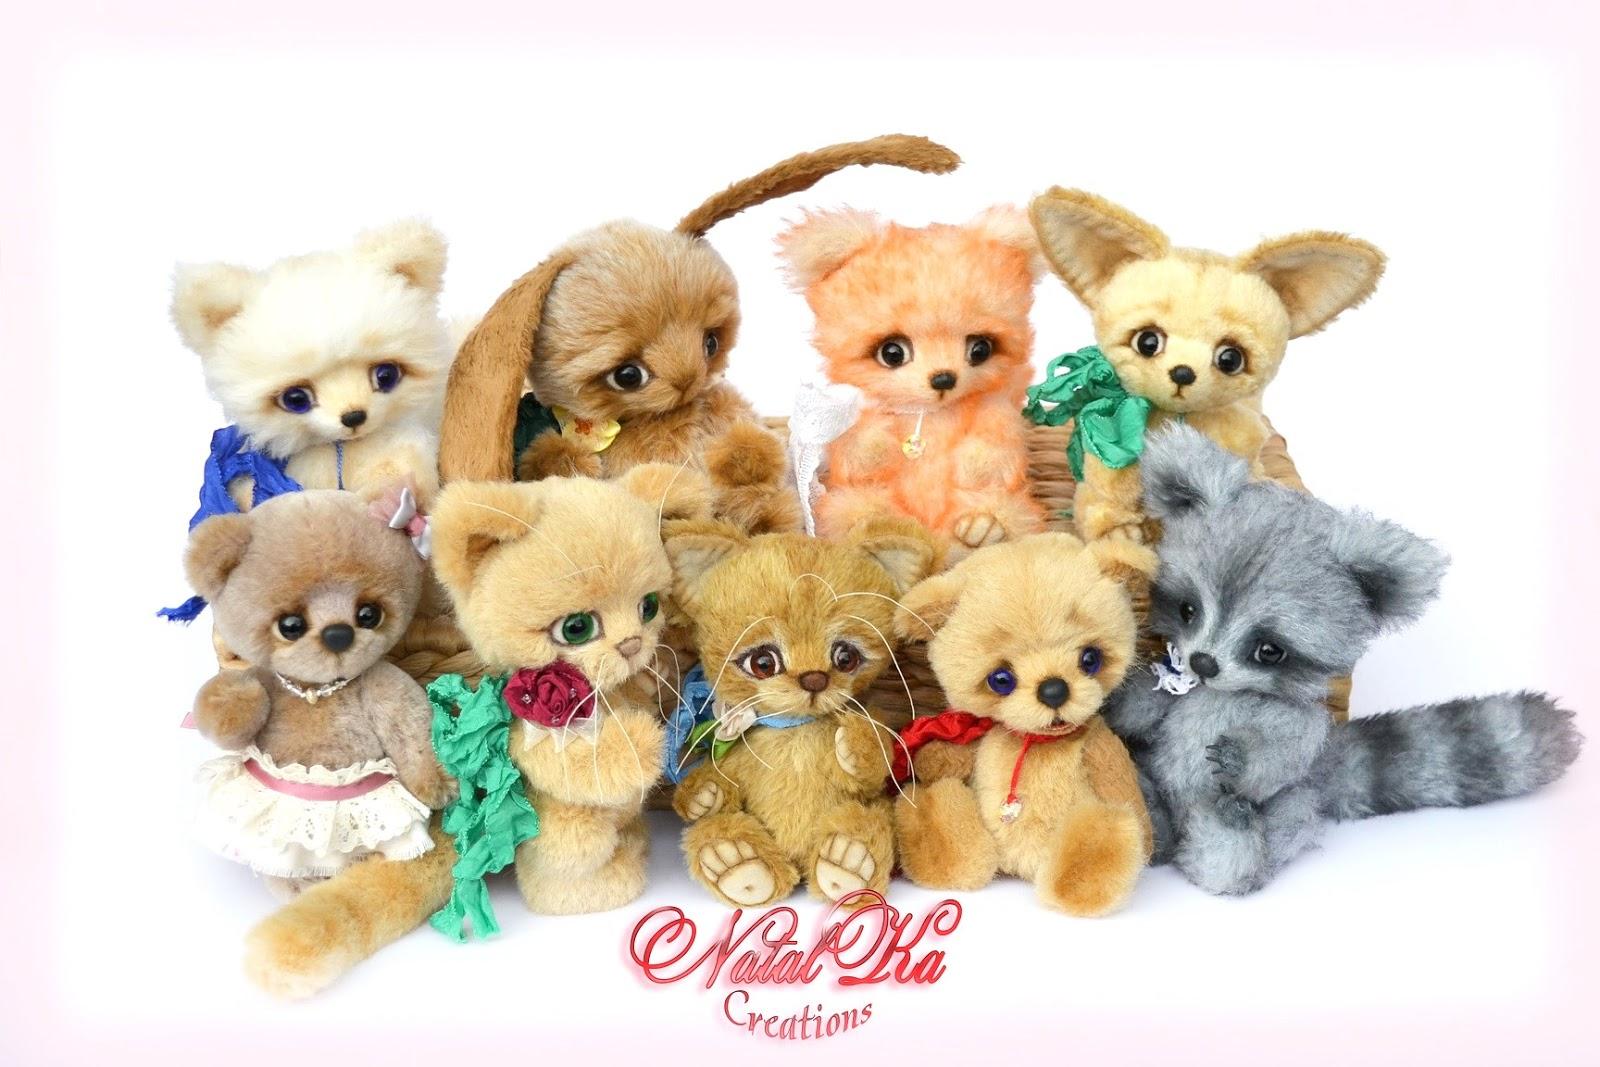 Artist teddy bears, artist bears, teddy bears,teddies with charm, ooak, mohair, handmade by NatalKa Creations. Künstlerbären, Künstlerteddys, Teddybären, Teddys, Unikate, handgemacht von NatalKa Creations.